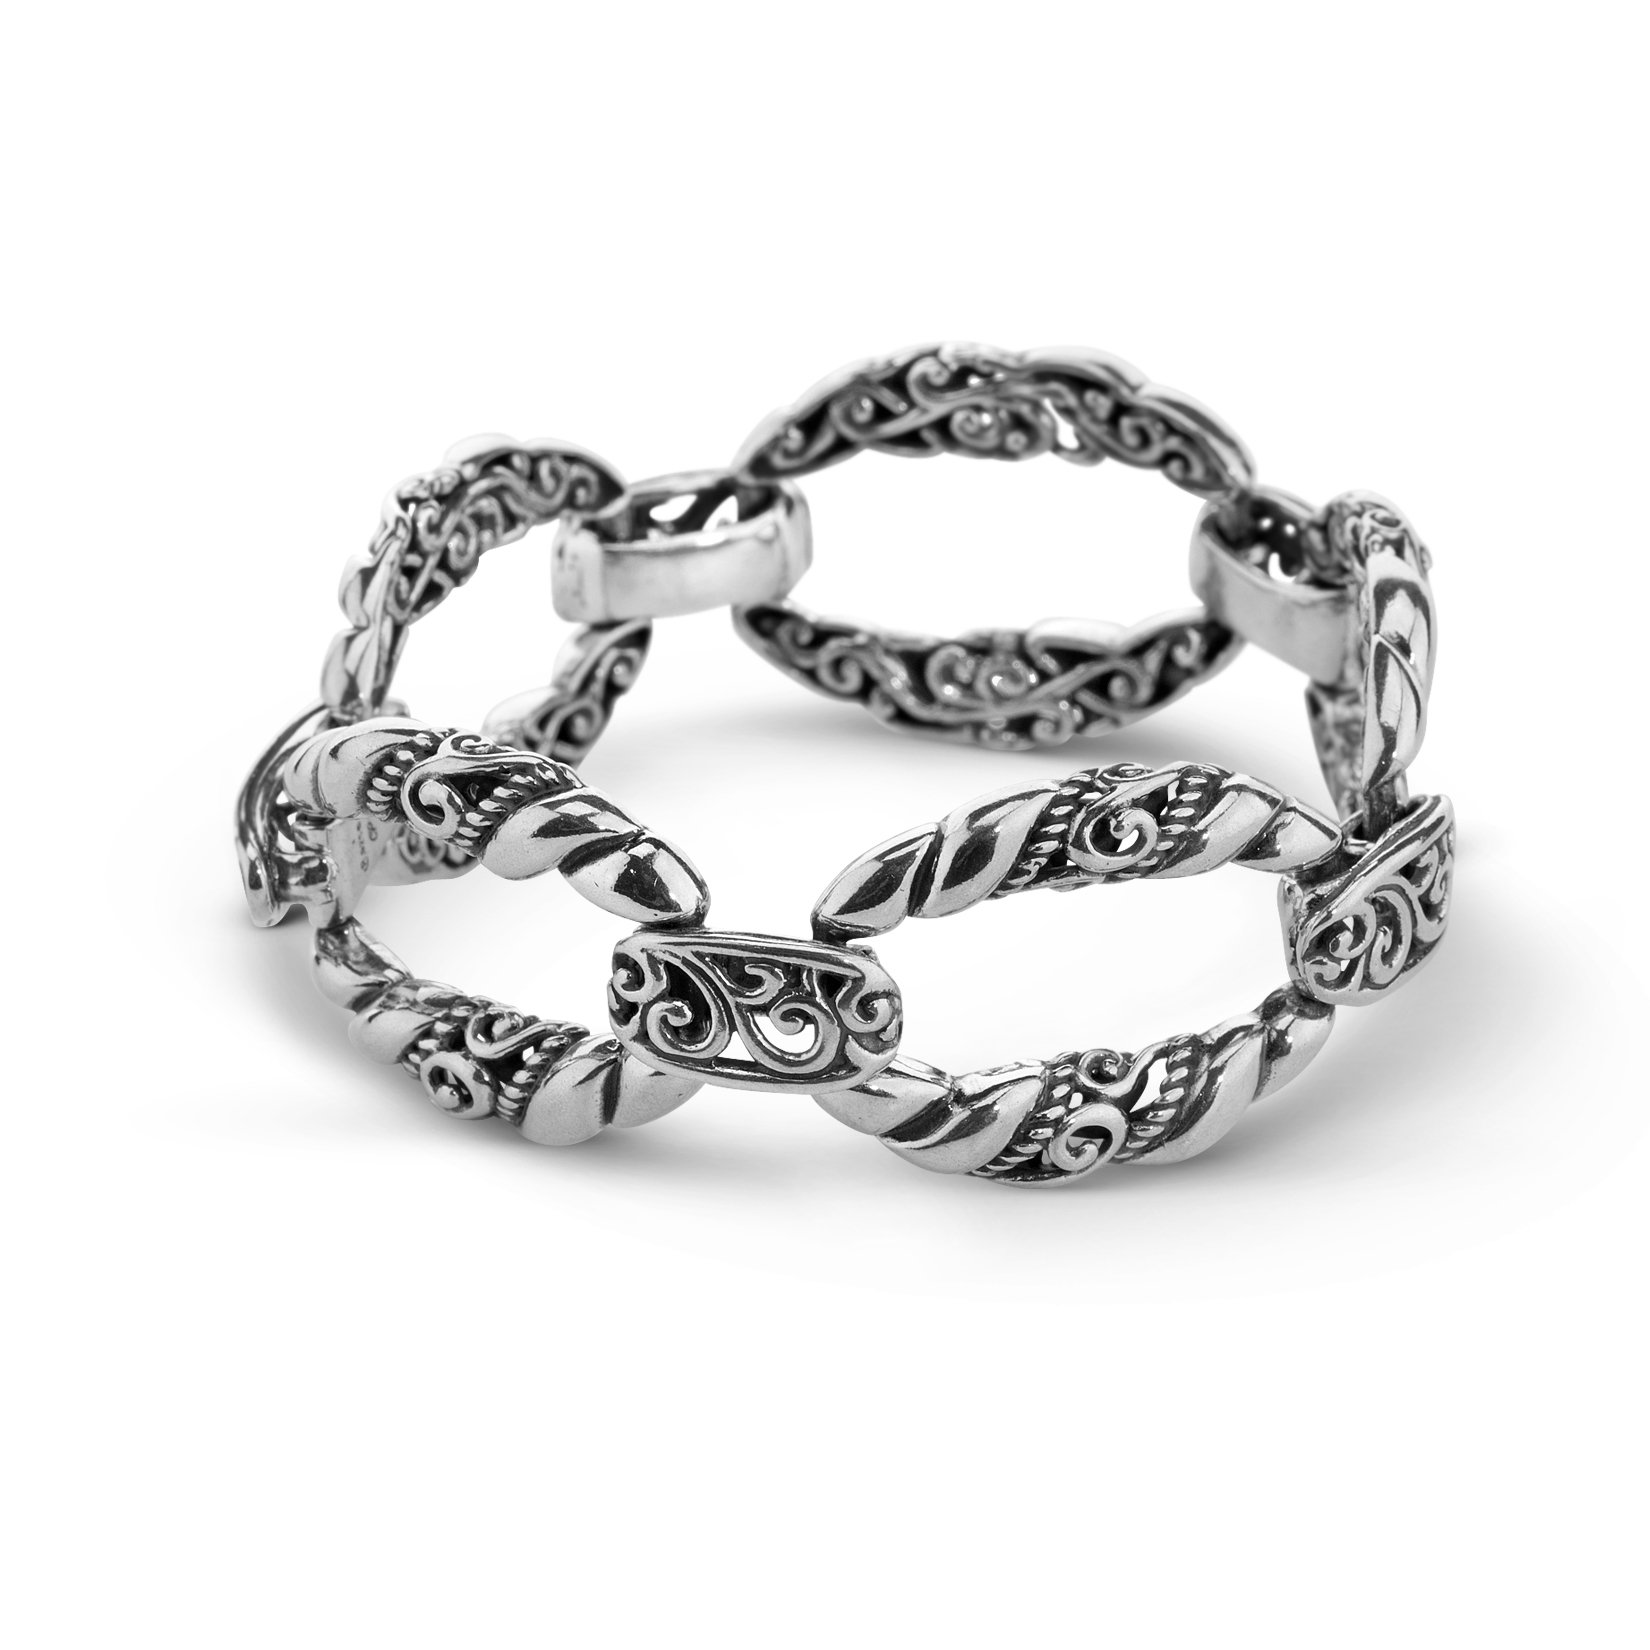 Carolyn Pollack Signature Genuine .925 Sterling Silver Link Bracelet